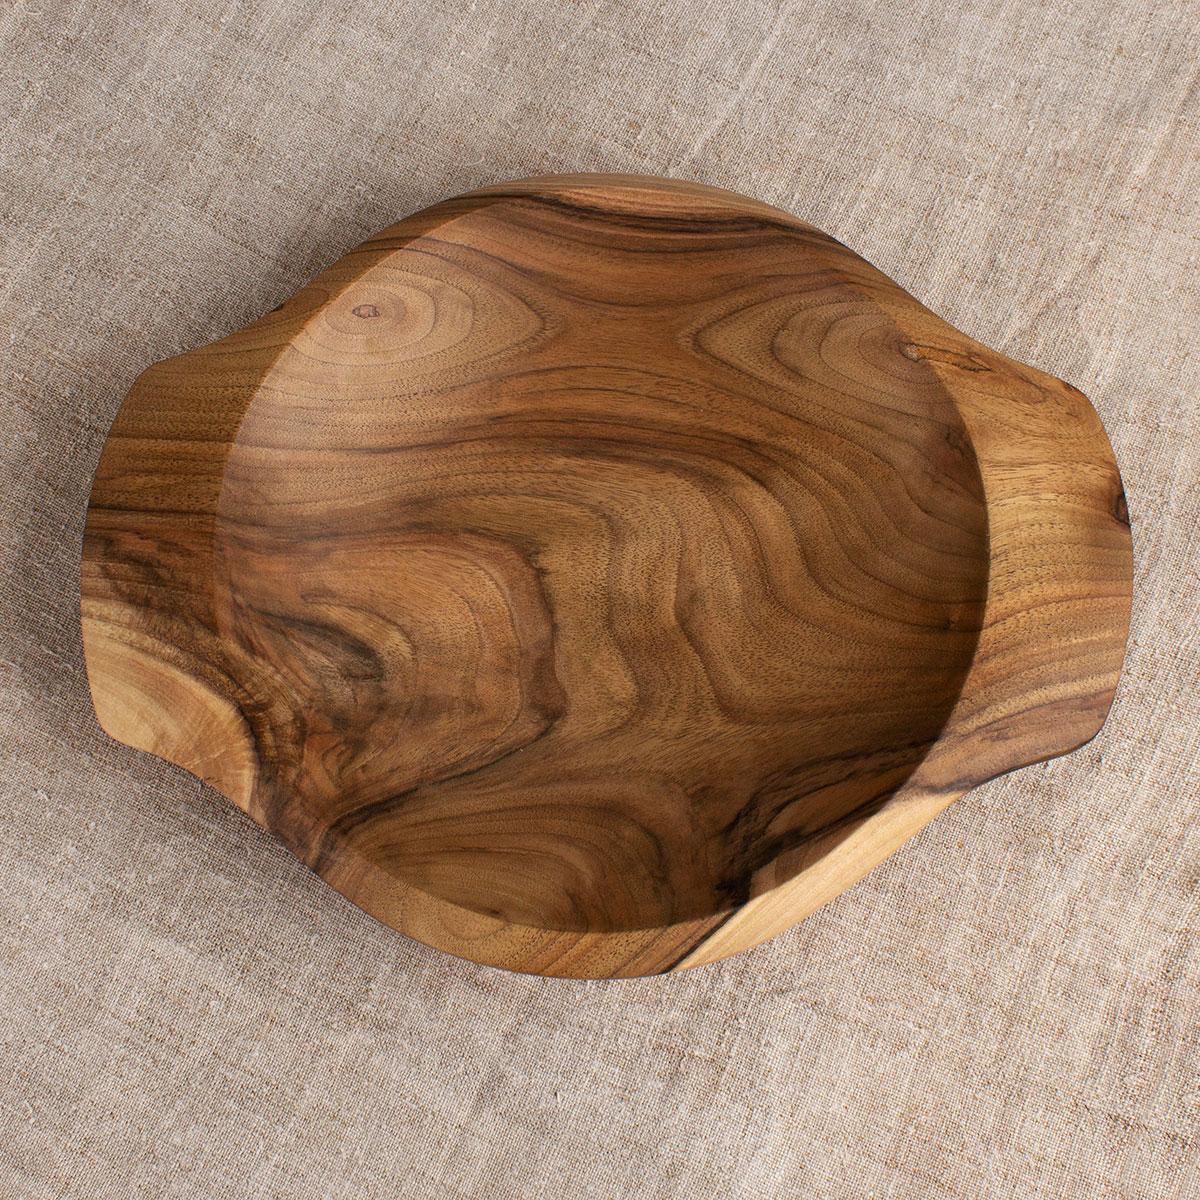 Round Walnut Platter with handles